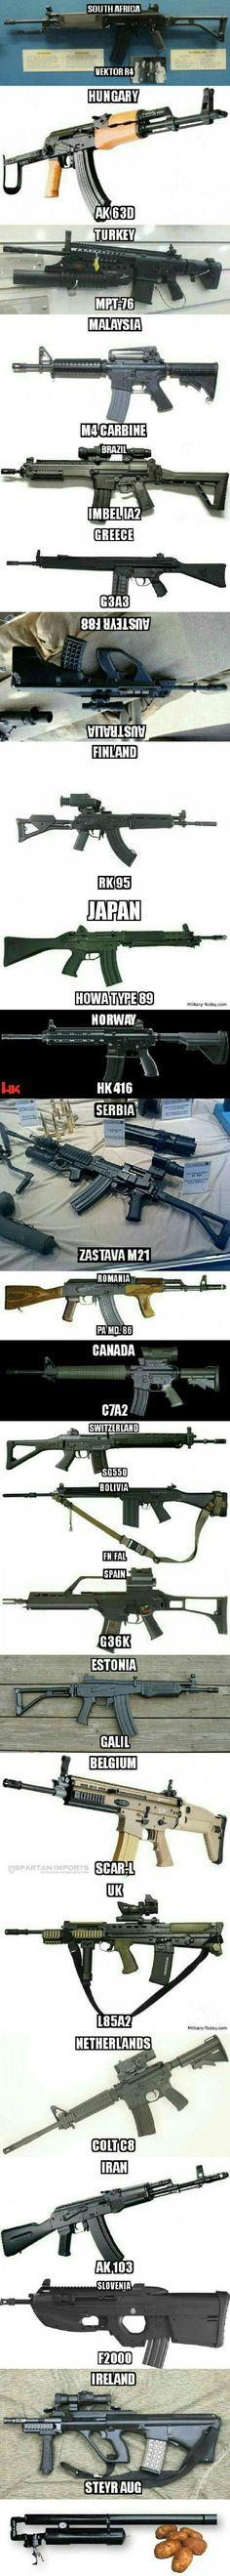 Service rifles around the world part 2